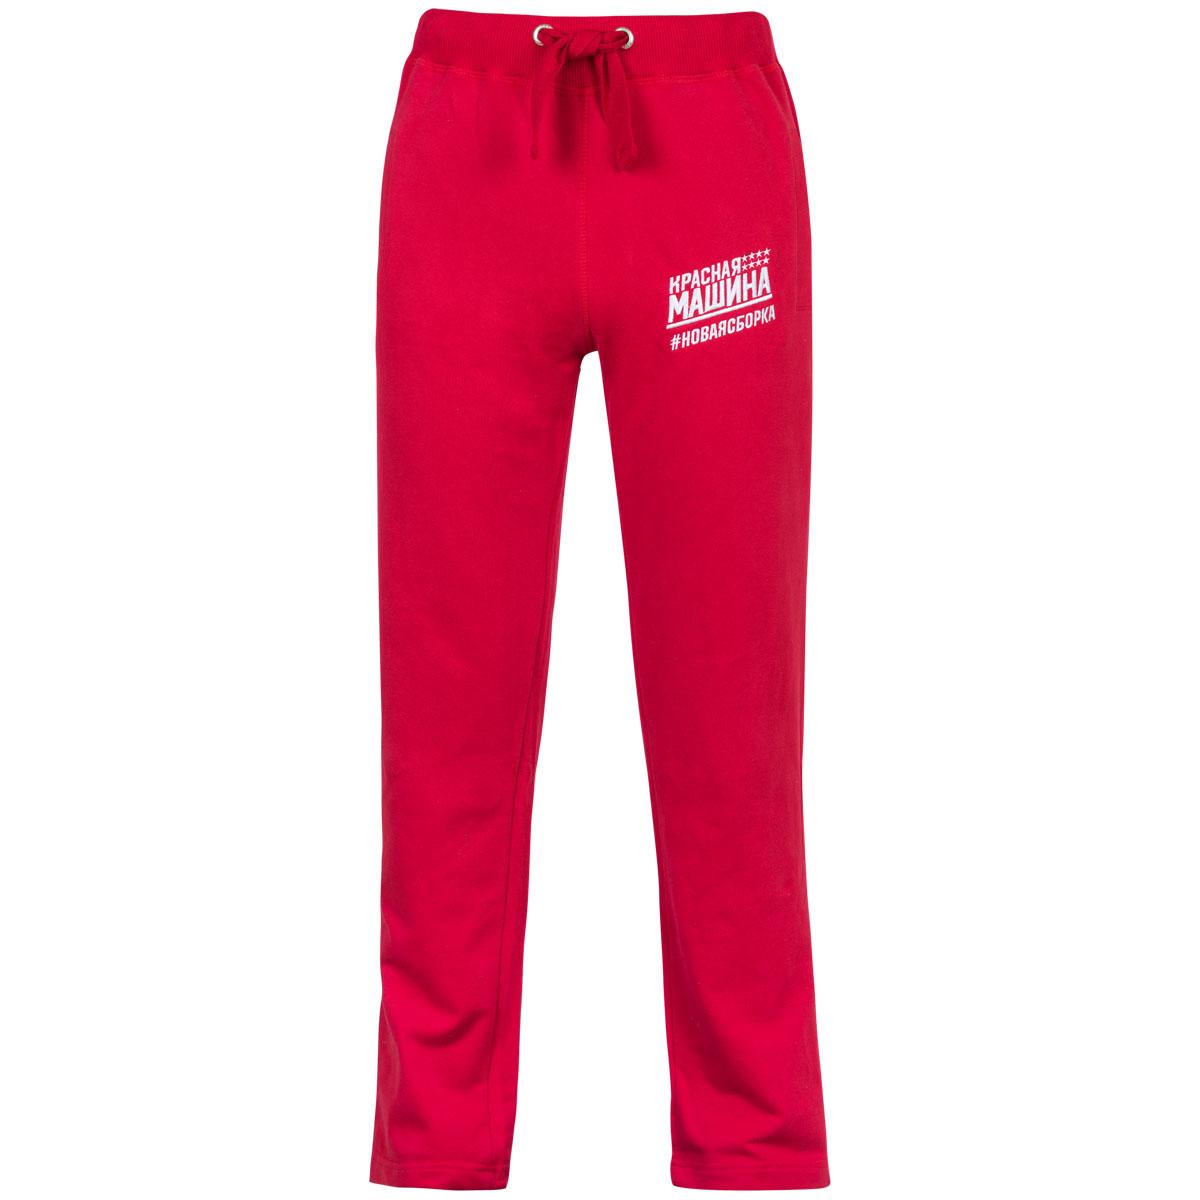 Брюки с логотипом ХК65160076Спортивные детские штаны бренда хоккейного клуба Красная Машина выполнены из хлопка с добавлением полиэстера. Брюки на талии имеют широкую эластичную резинку, благодаря чему, они не сдавливают живот и не сползают. Объем талии регулируется с помощью шнурка. Спереди модель дополнена двумя втачными карманами.